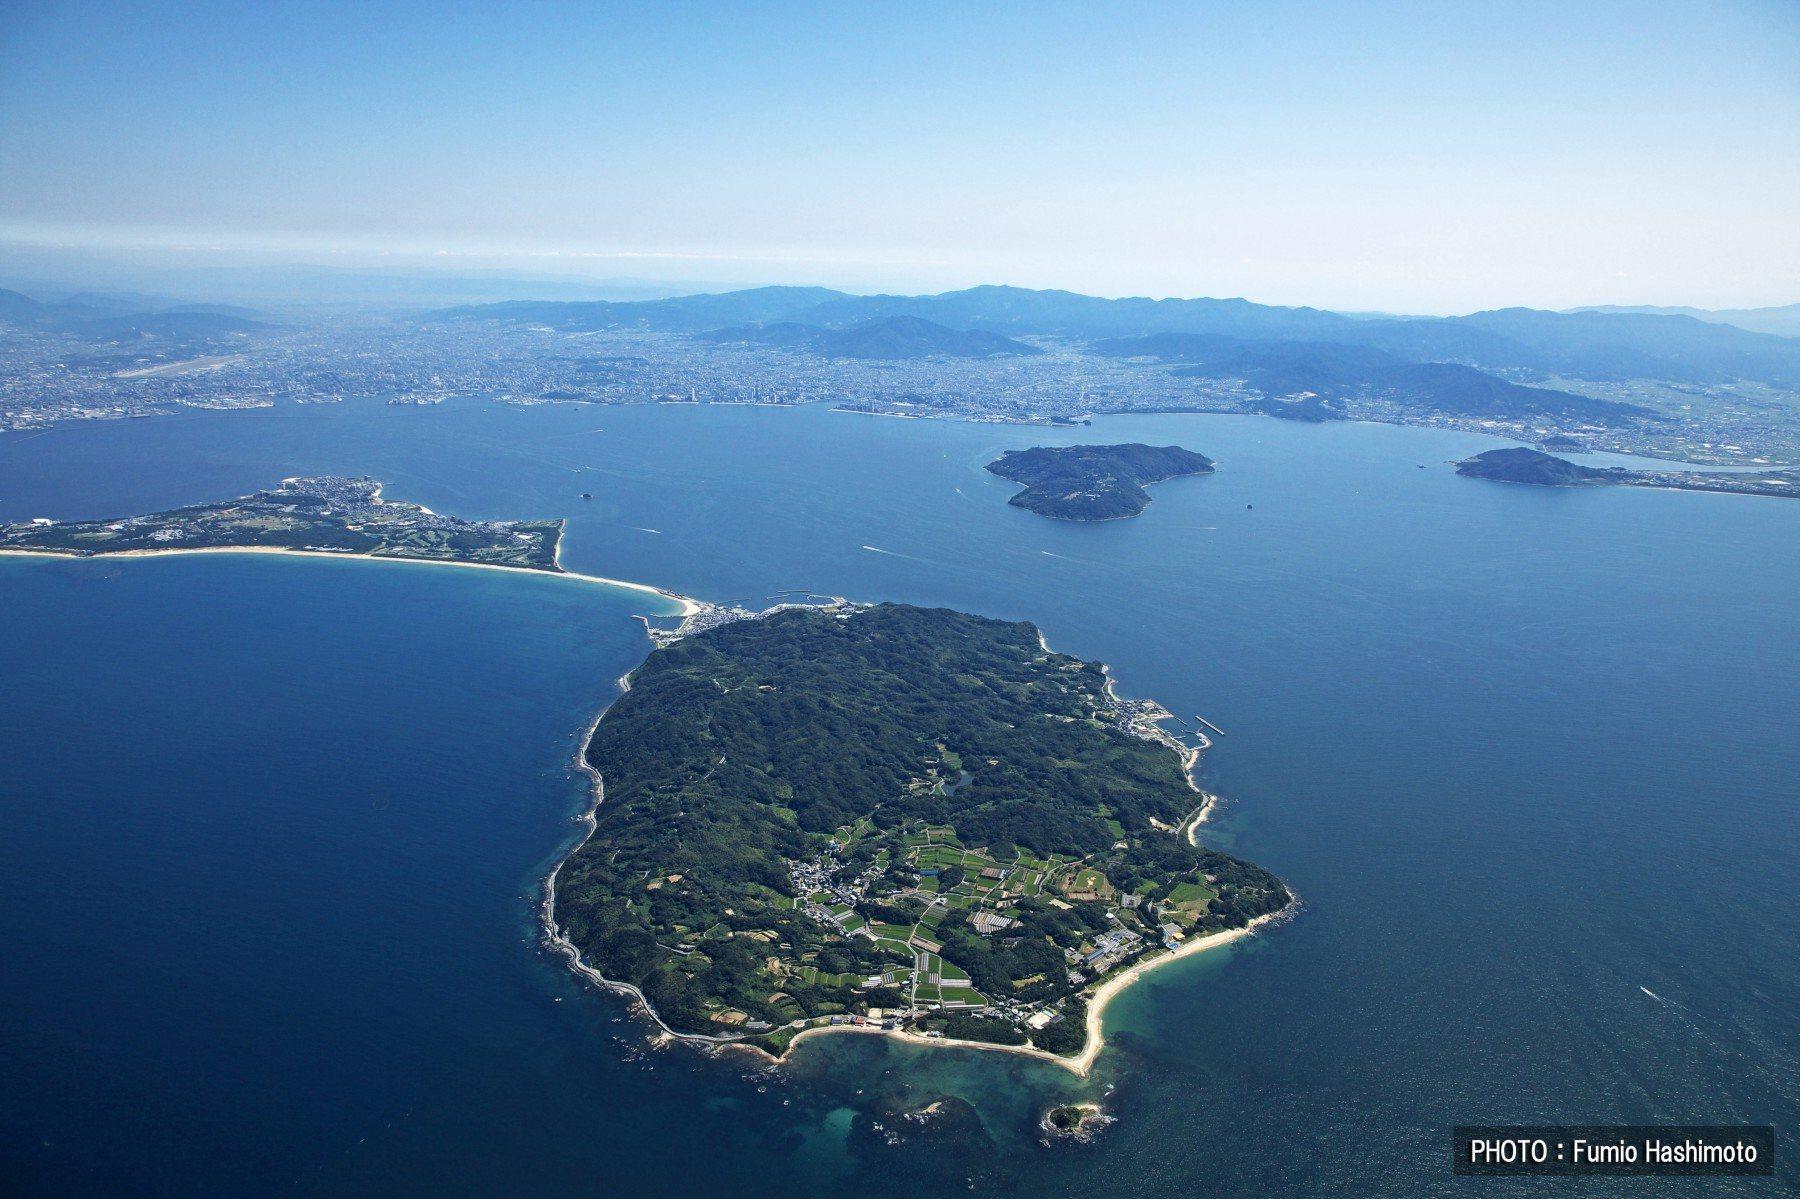 志賀島上空(2009)の画像